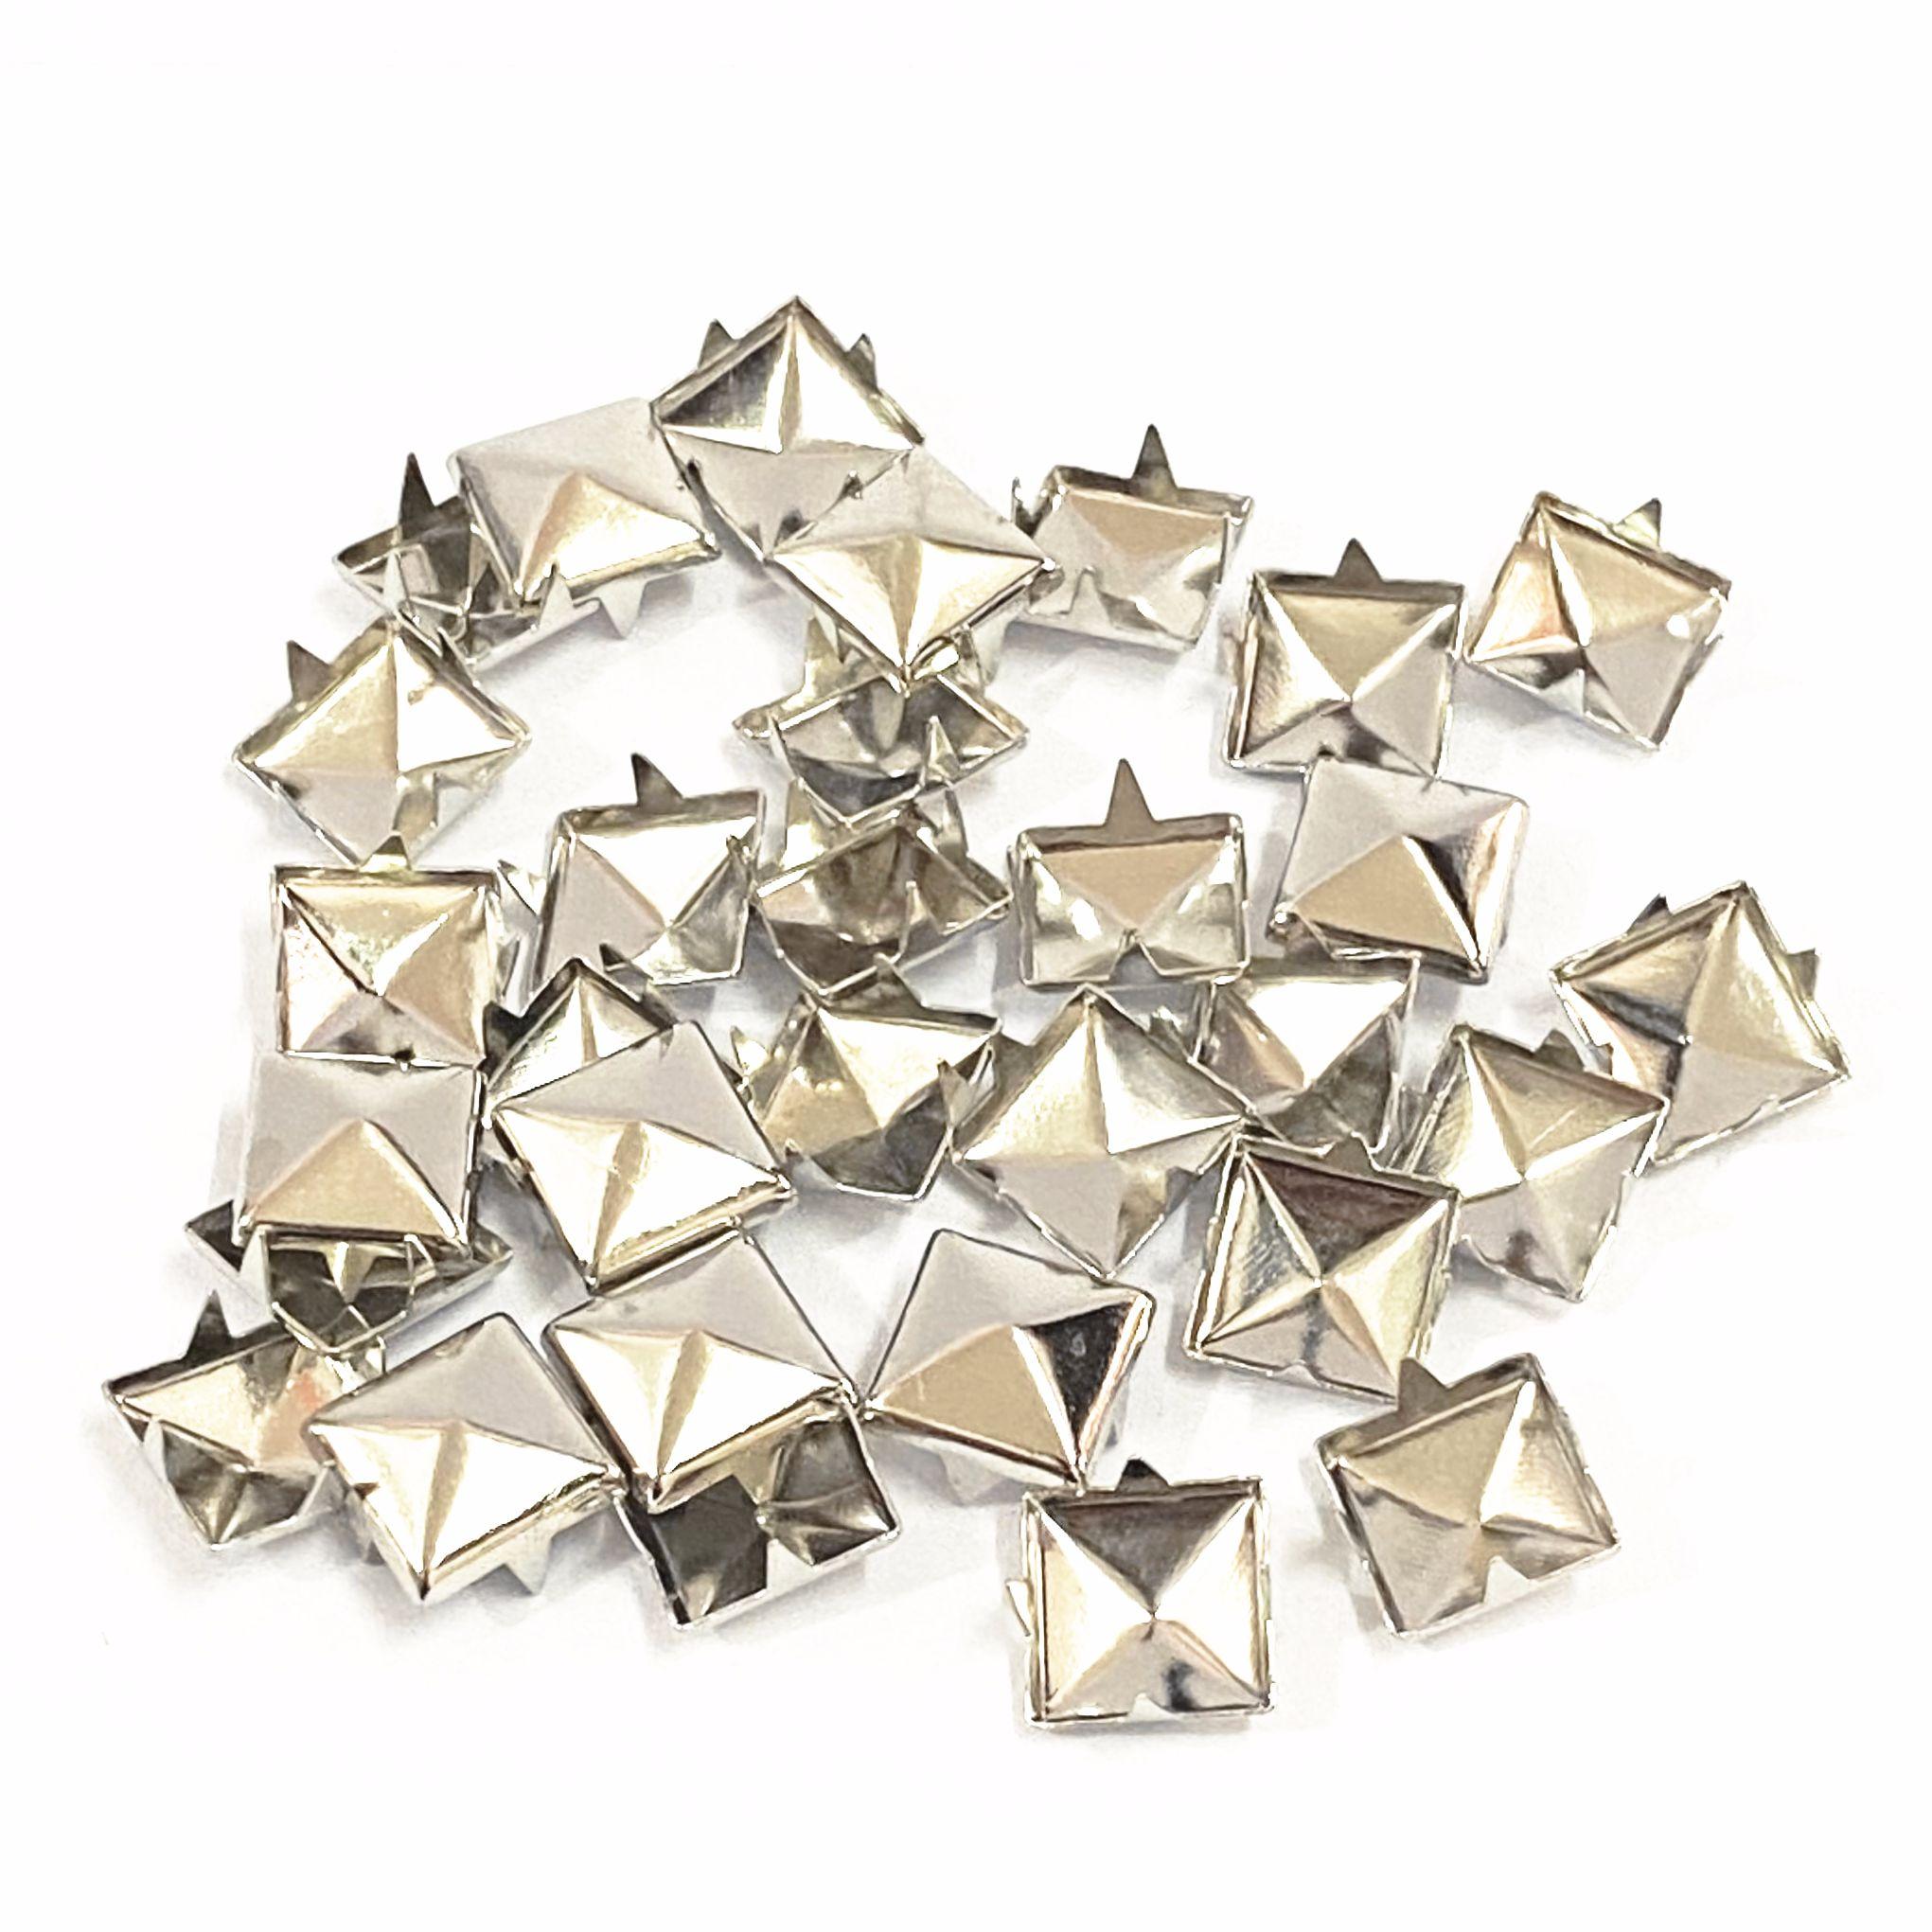 100 pièces de 6-12mm 4-griffe rivet carré pyramide/clou en métal conique rivet vêtements/chaussures/sacs/clous en cuir sur punk bricolage